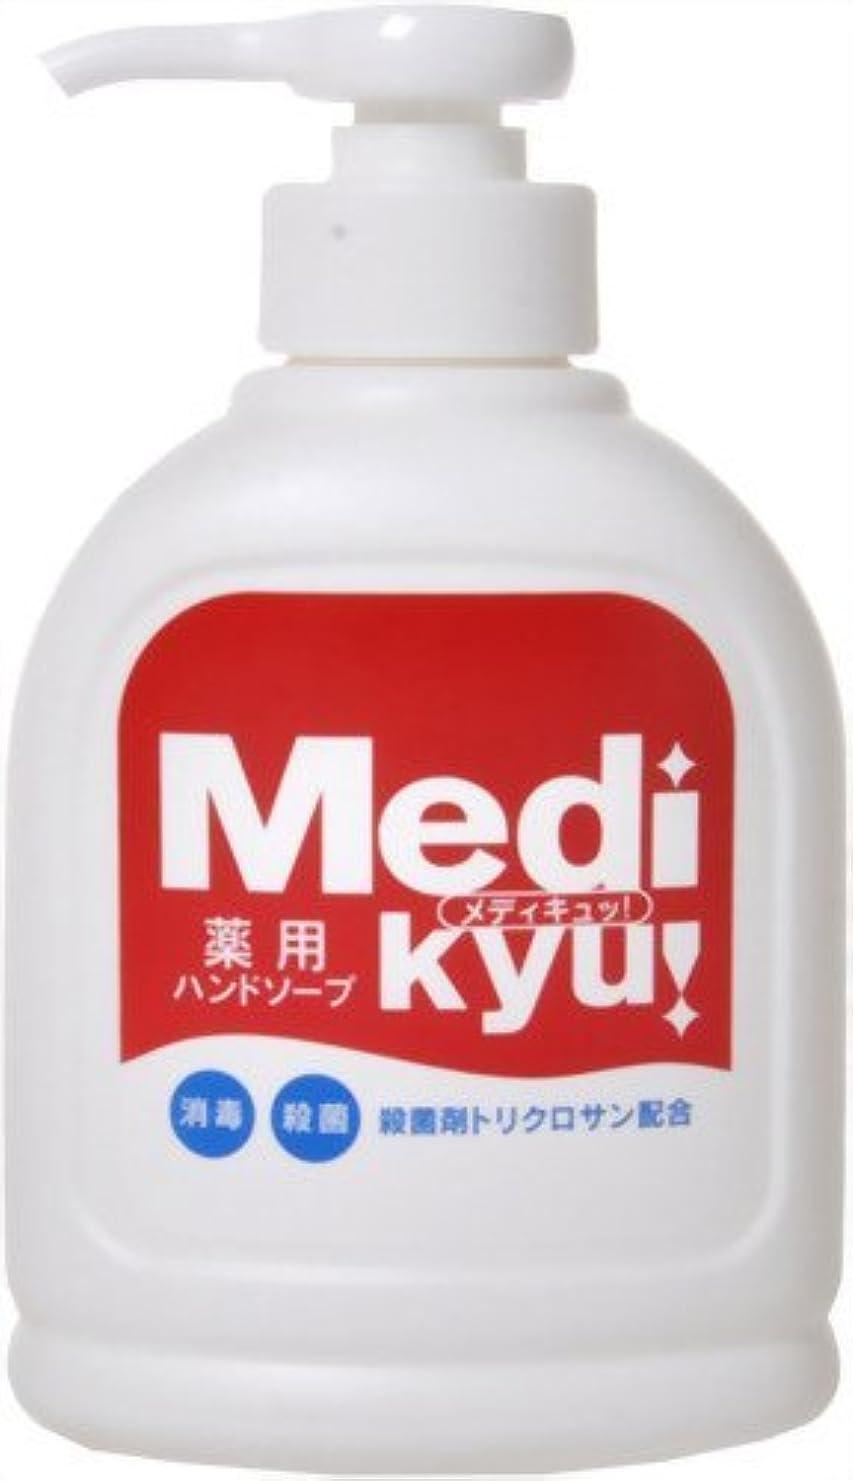 【まとめ買い】薬用ハンドソープ メディキュッ 250ml ×5個